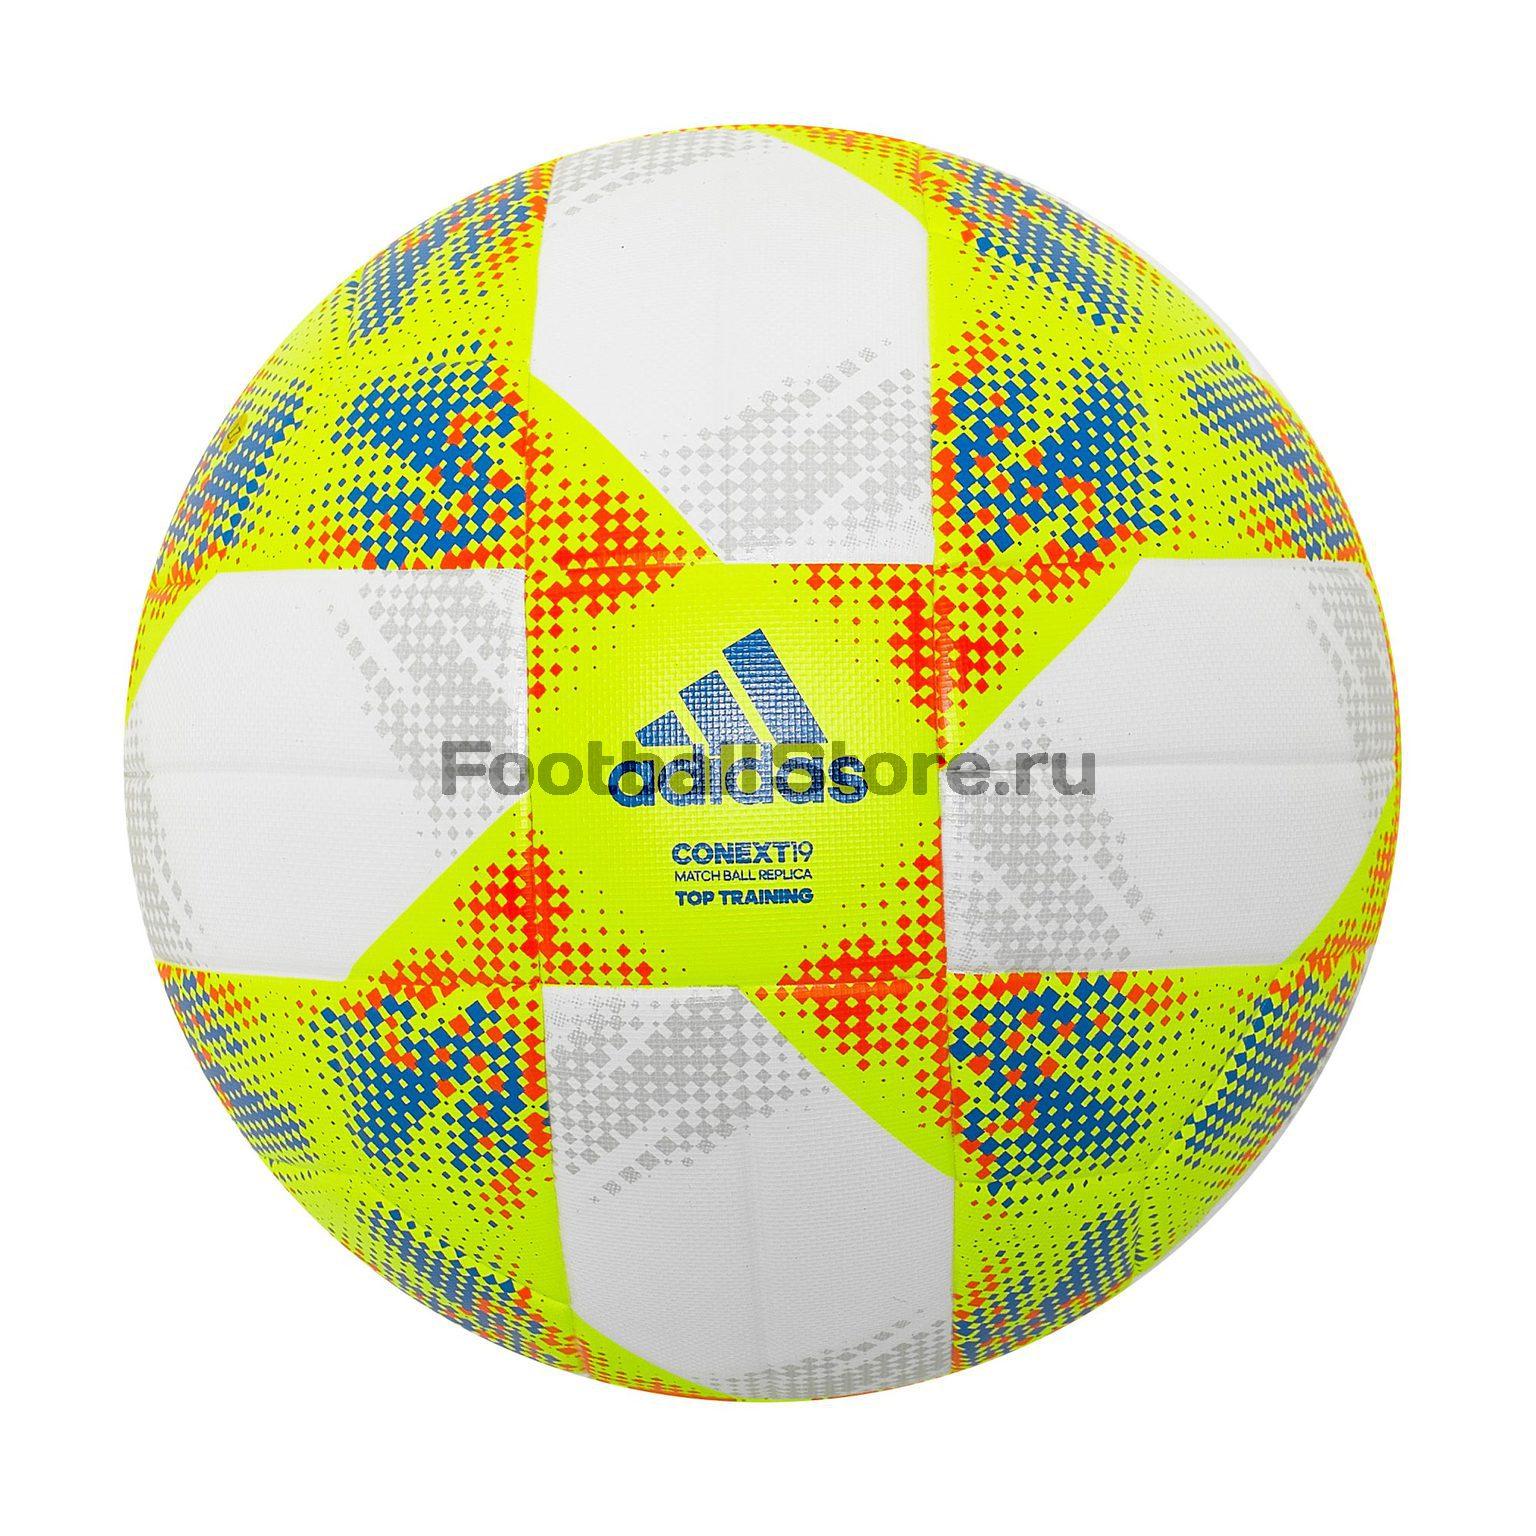 Мяч тренировочный Adidas Conext19 DN8637